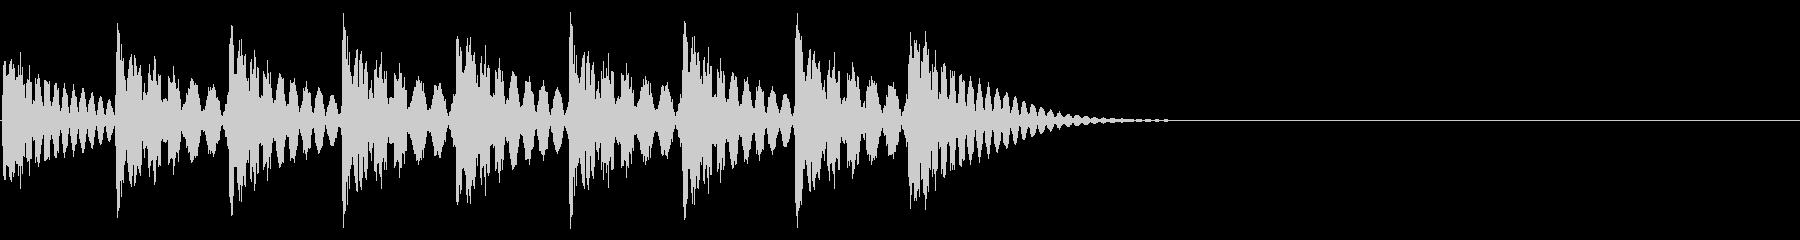 着信音のイメージ(ループ可)の未再生の波形